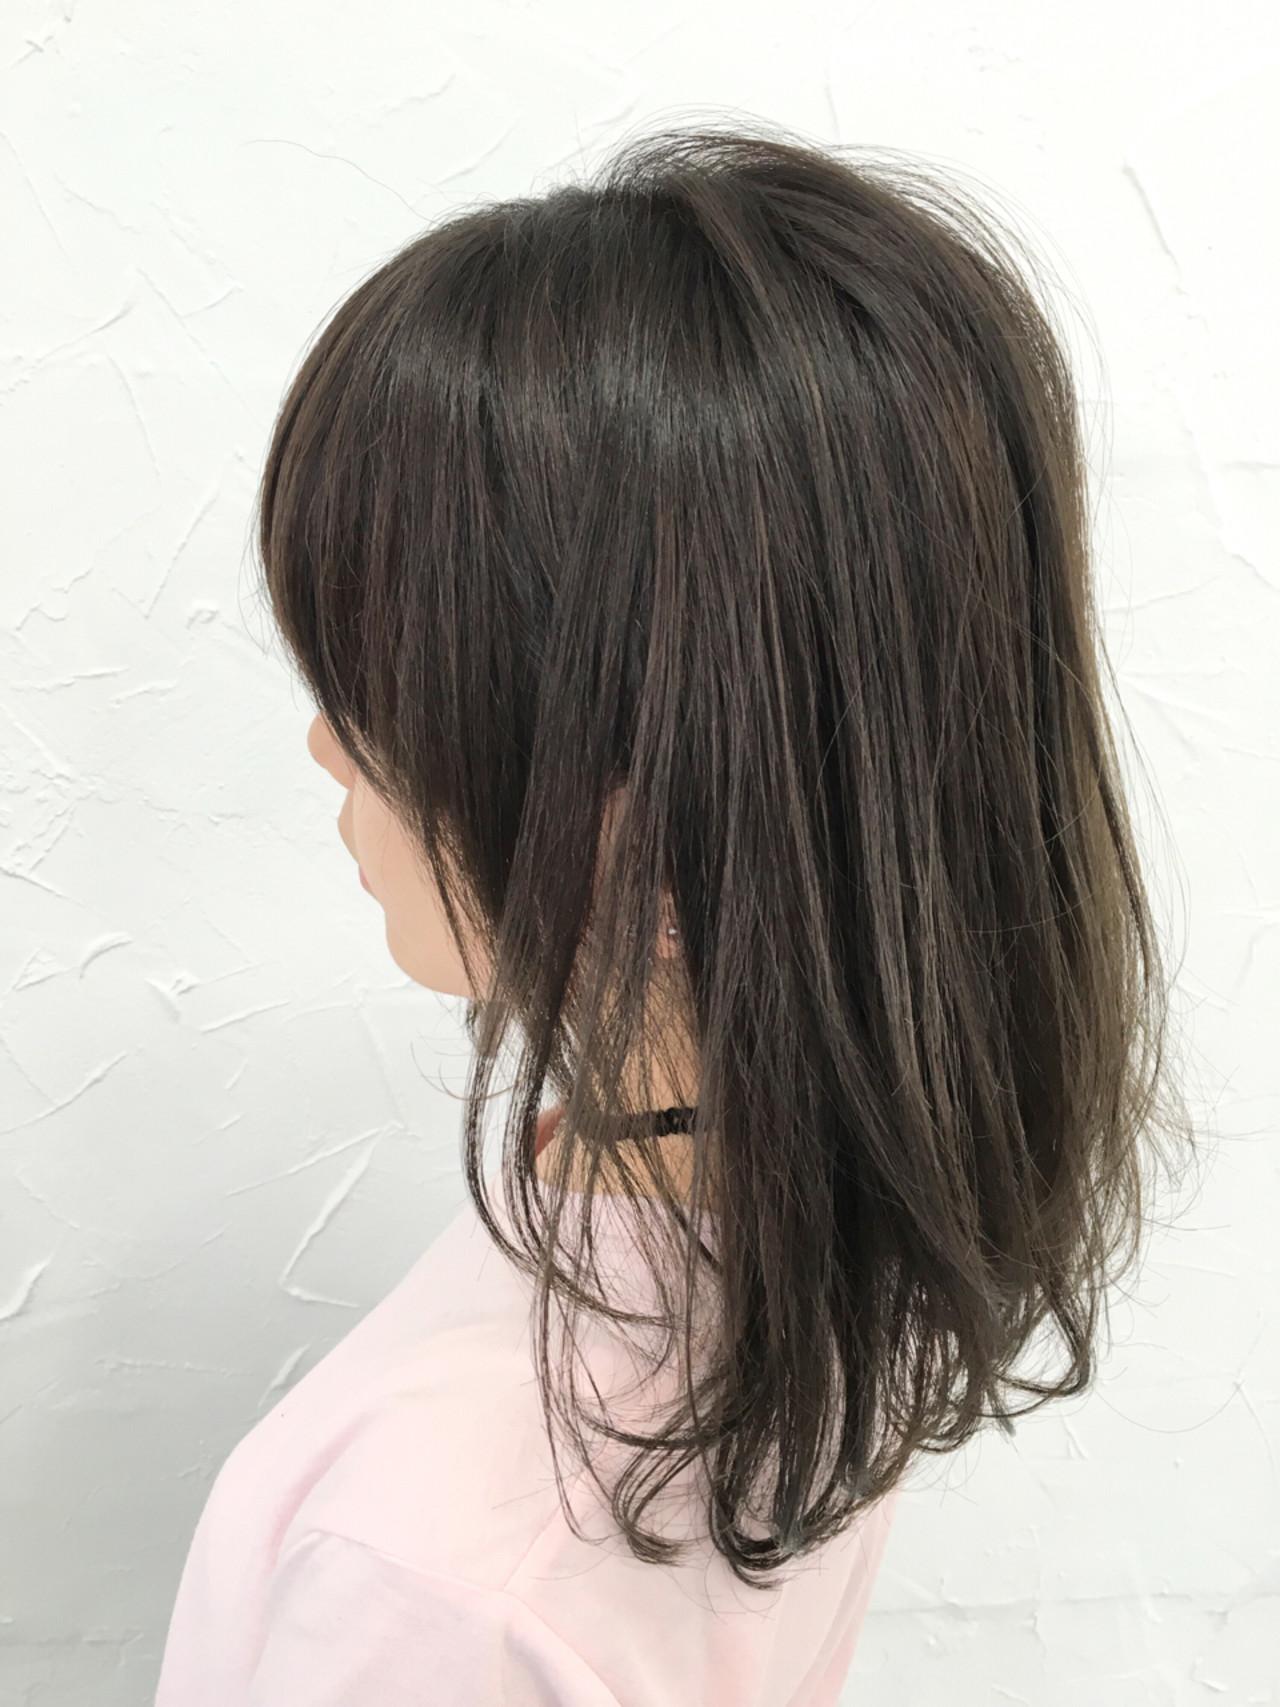 ゆるふわ 暗髪 ストリート グレージュヘアスタイルや髪型の写真・画像